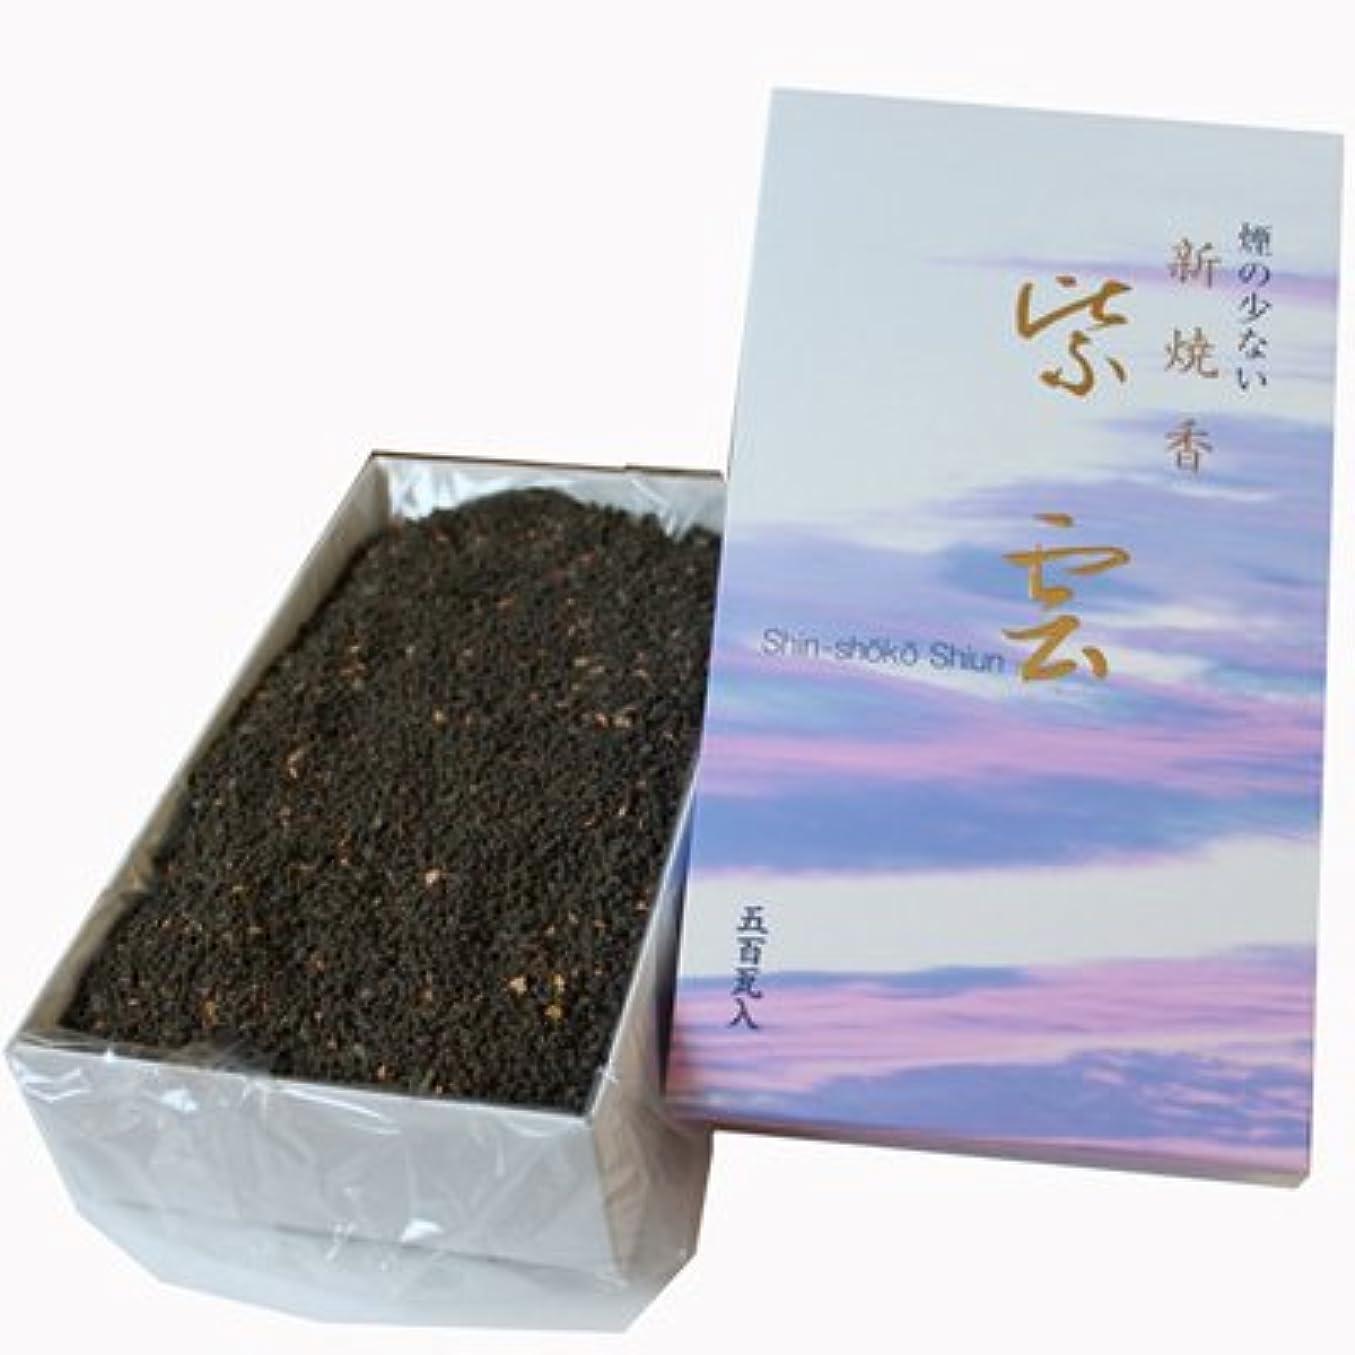 お風呂を持っている繊維悩み少煙焼香 紫雲500g箱入り  抹香